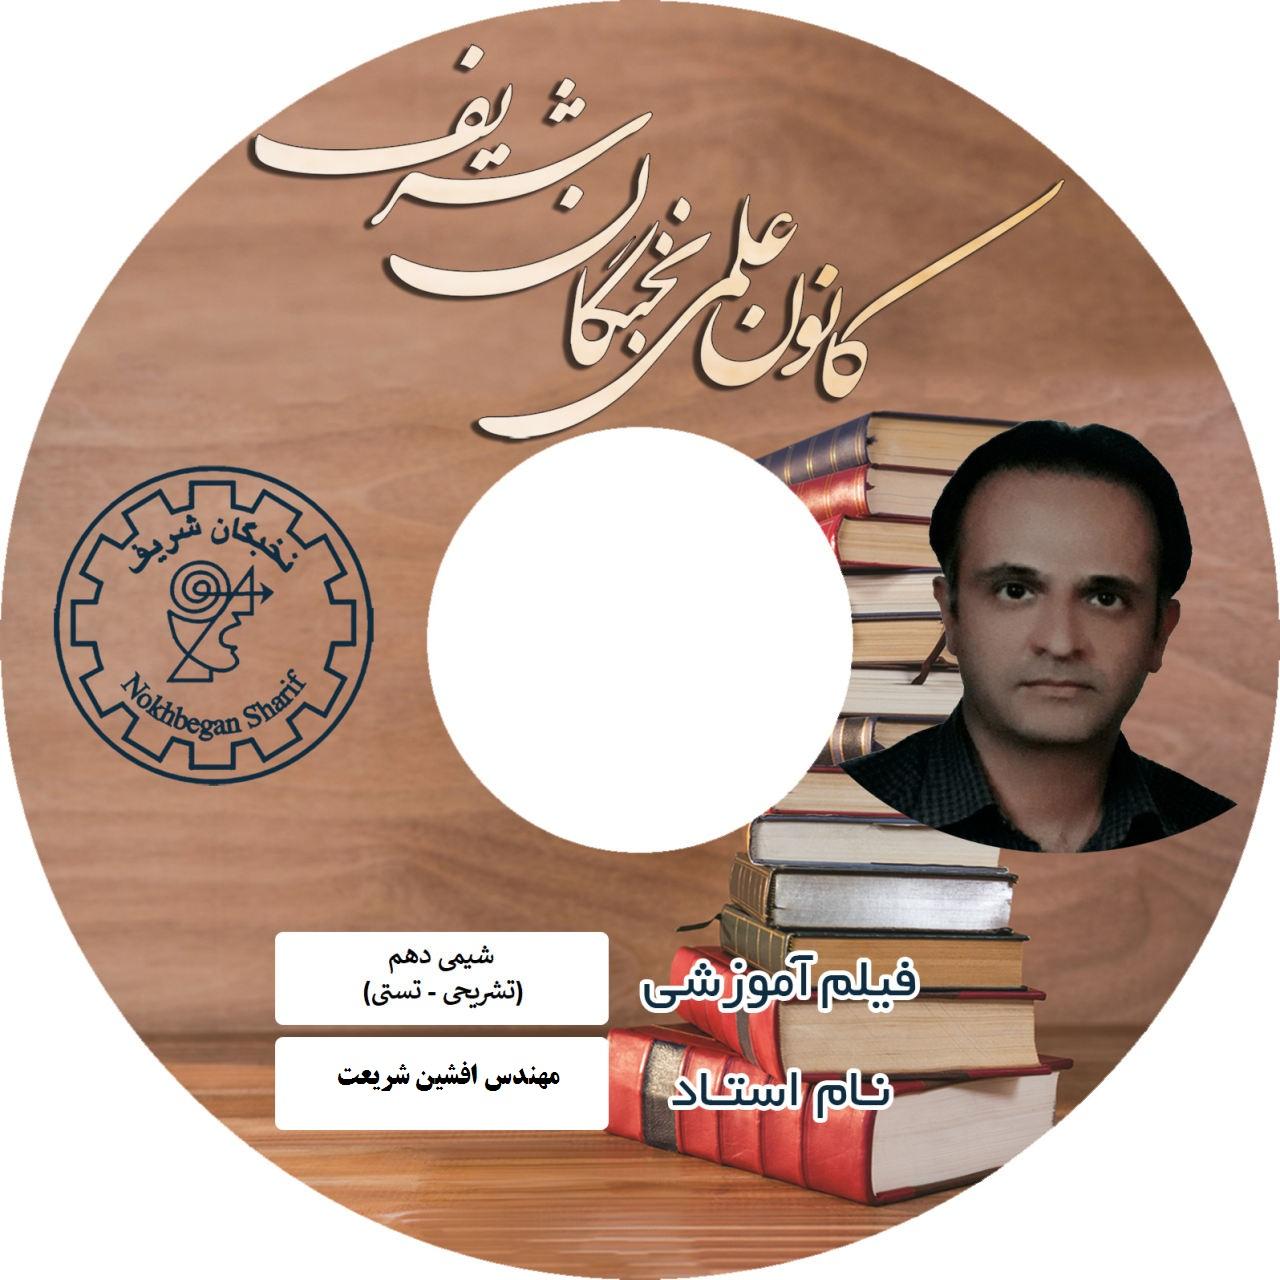 آموزش تصویری شیمی دهم نشر نخبگان شریف